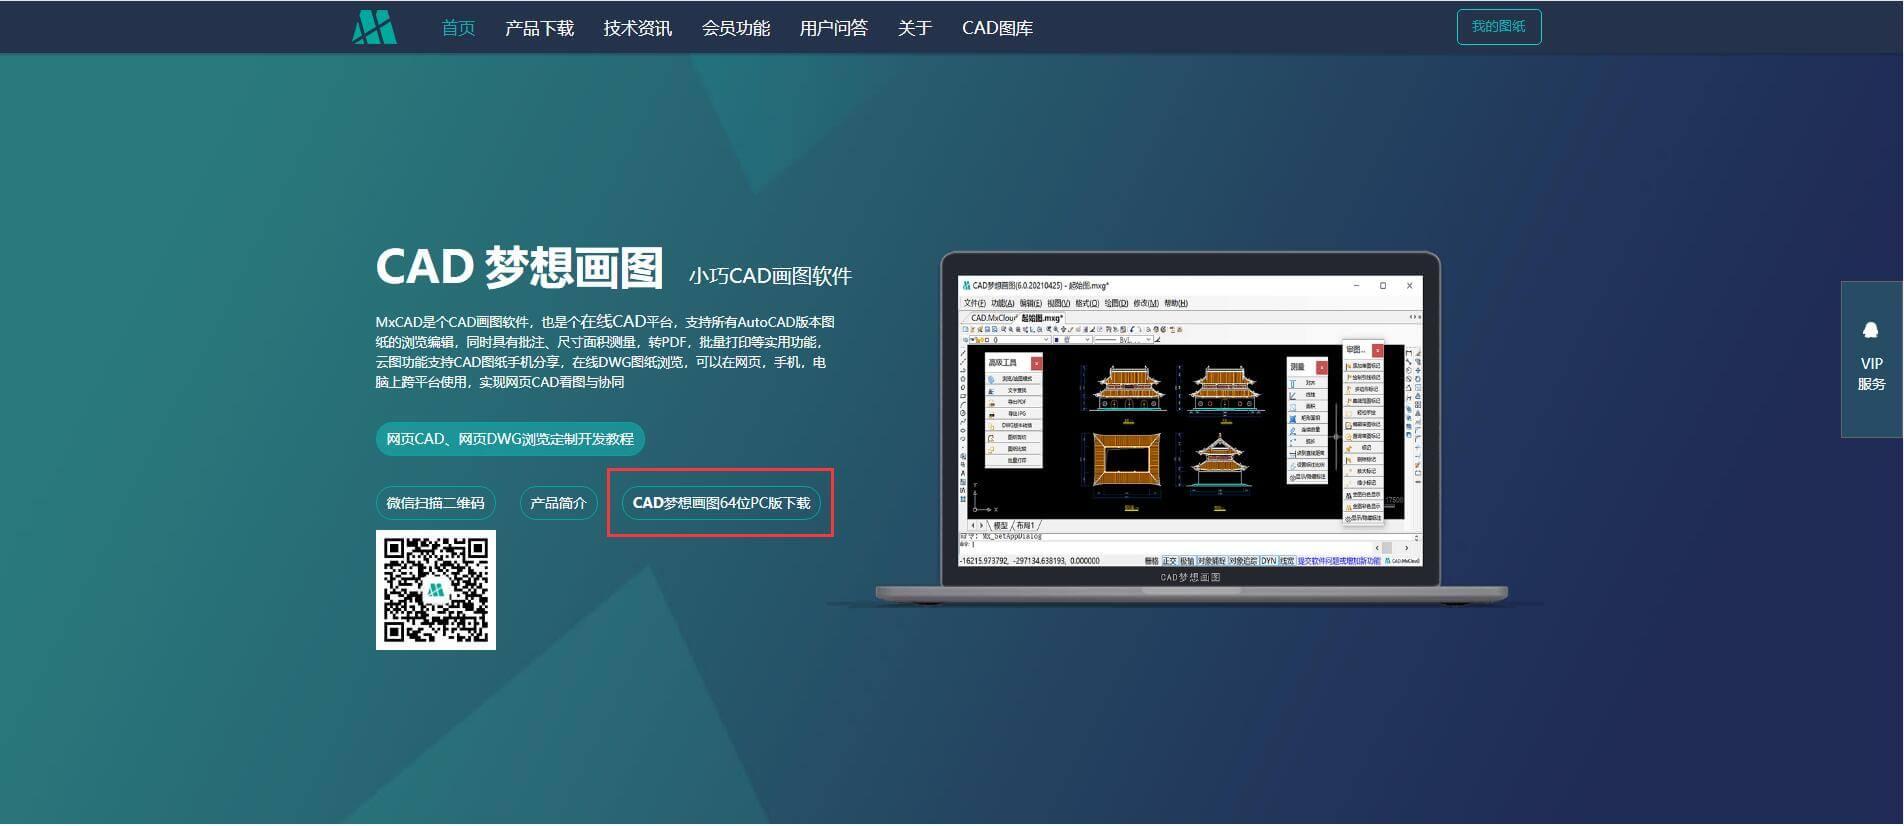 8.官网下载界面.jpg